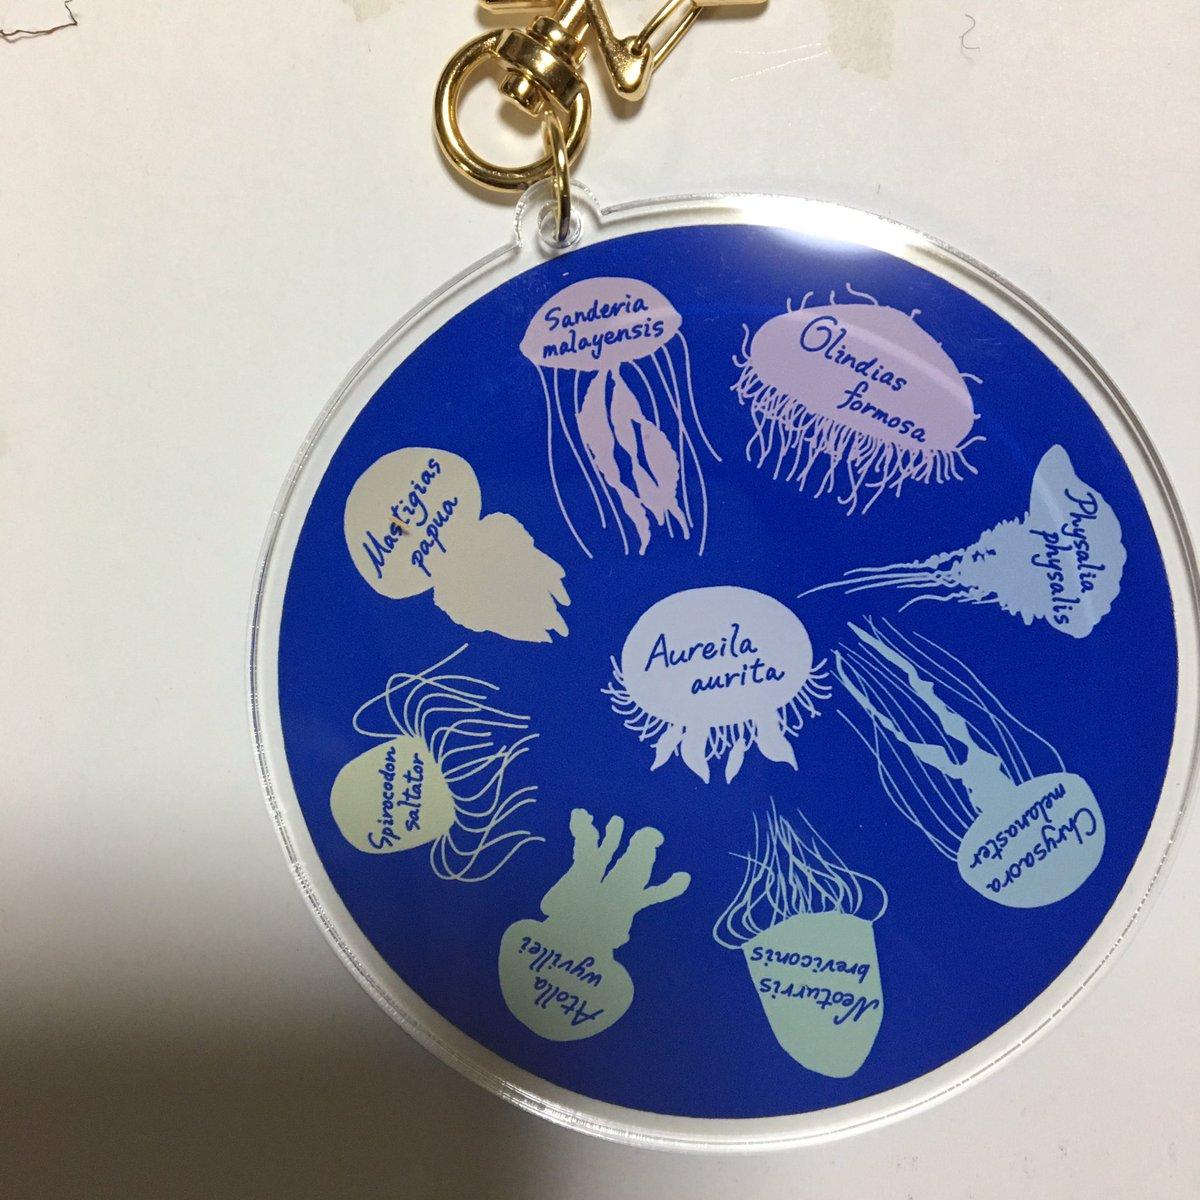 あなたと語る生き物展 戦利品♪ 京楽堂さん(@kyouraku_stamp)のクラゲキーホルダー。 とてもリアルでクラゲ研究者も太鼓判を押したと言う逸品♪裏面の学名で答え合わせが出来る仕様(笑)  #語る展